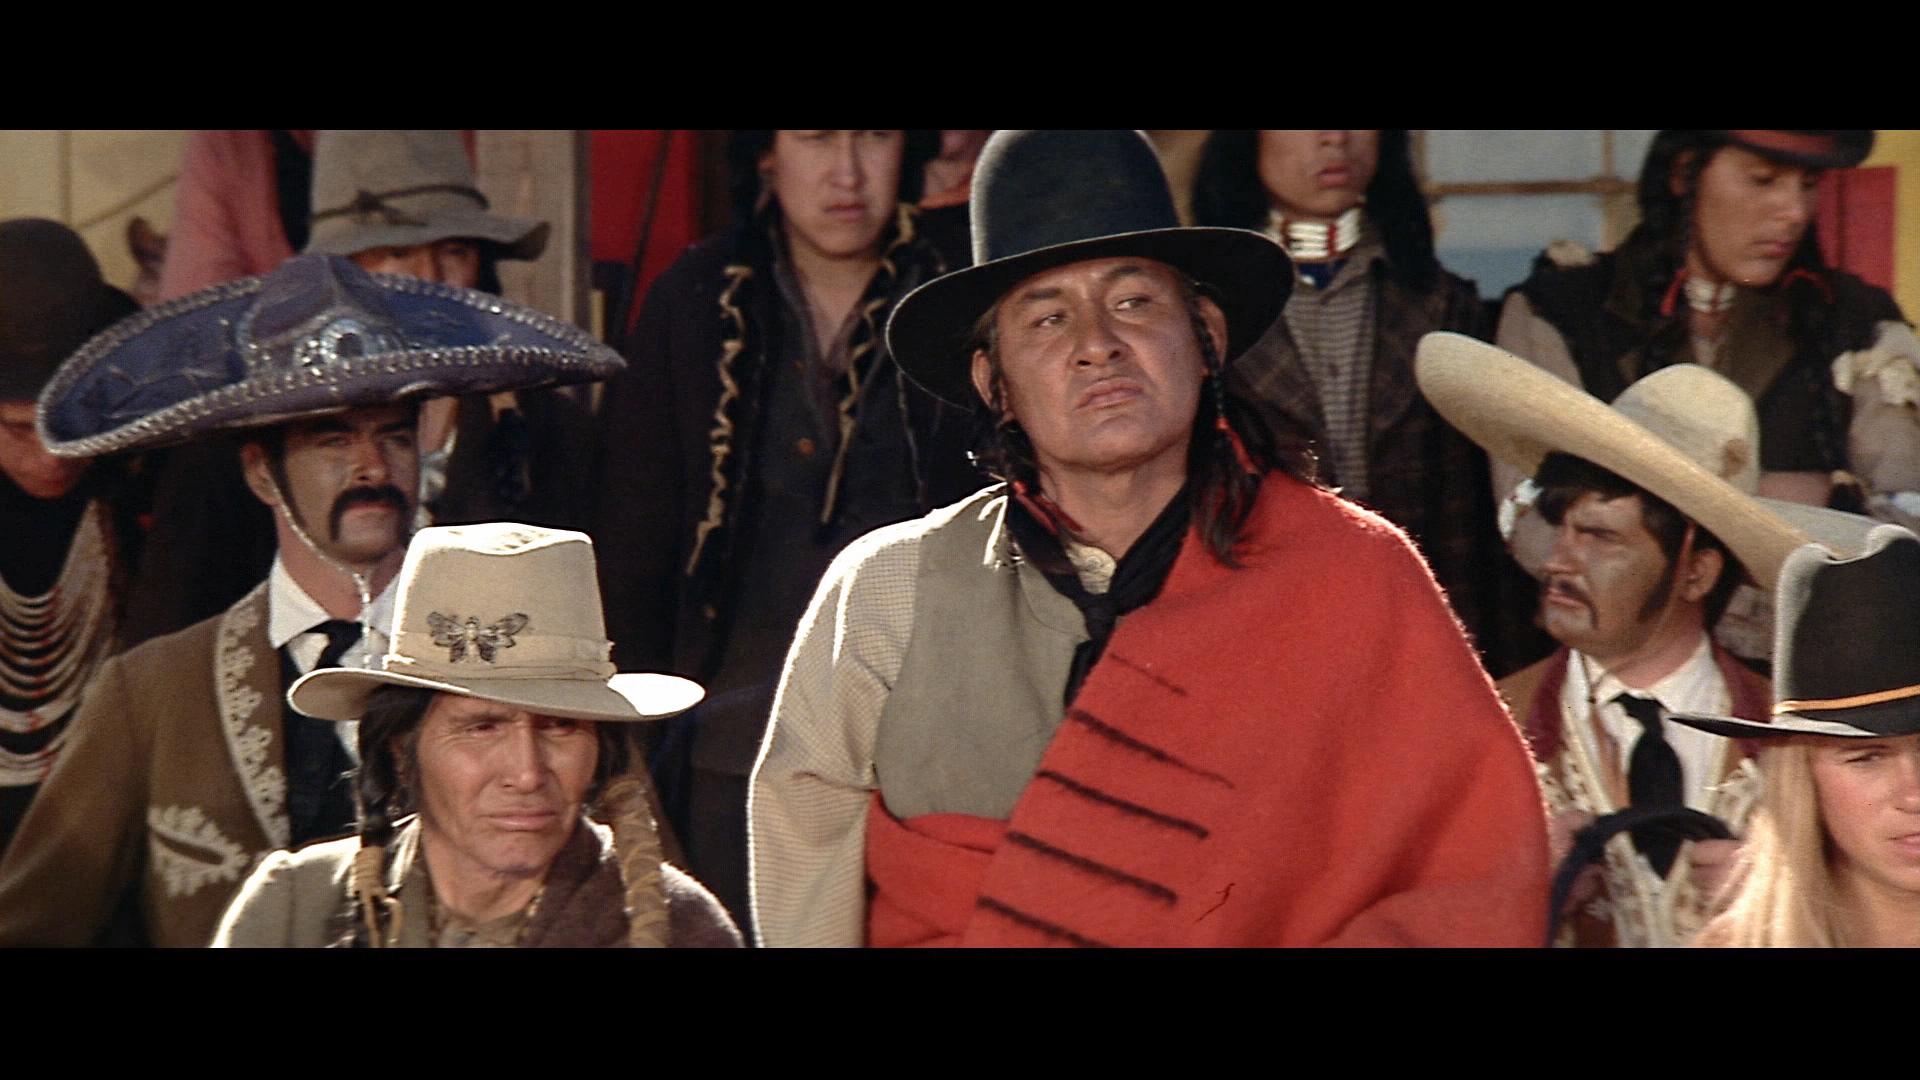 """Im Vordergrund sehen wir links Indianerhäuptling Sitting Bull und rechts dessen """"Interpretierer"""" William Halsey kritisch dreinblicken. Im Hintergrund sind einige Showmänner und -frauen zu sehen."""